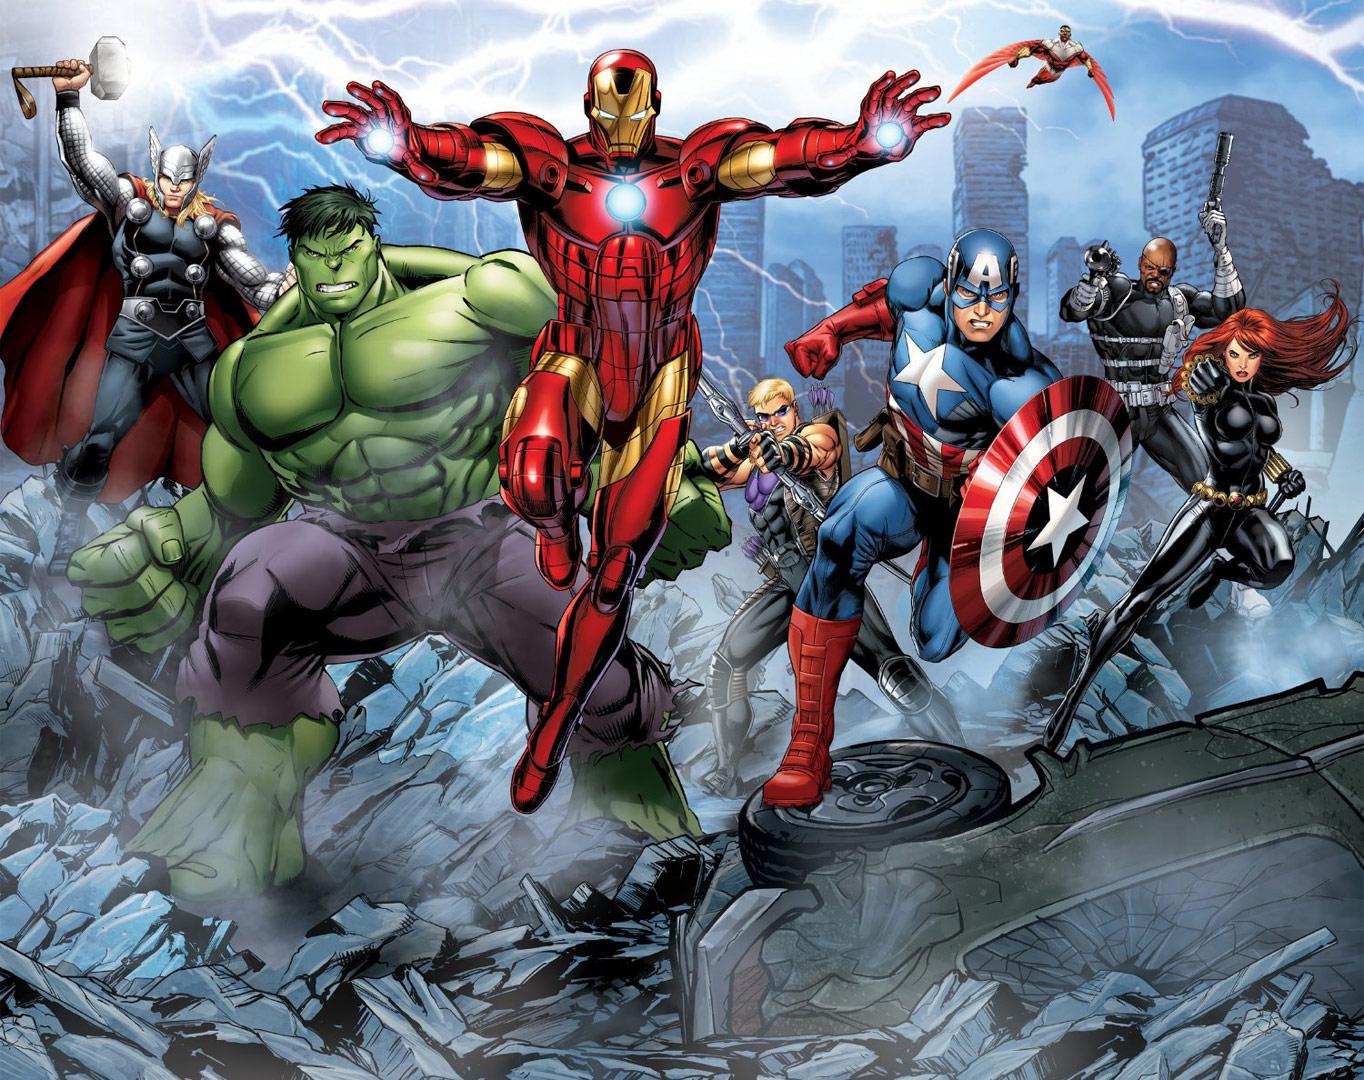 Avengers Assemble Wallpapers Comics Hq Avengers Assemble Pictures